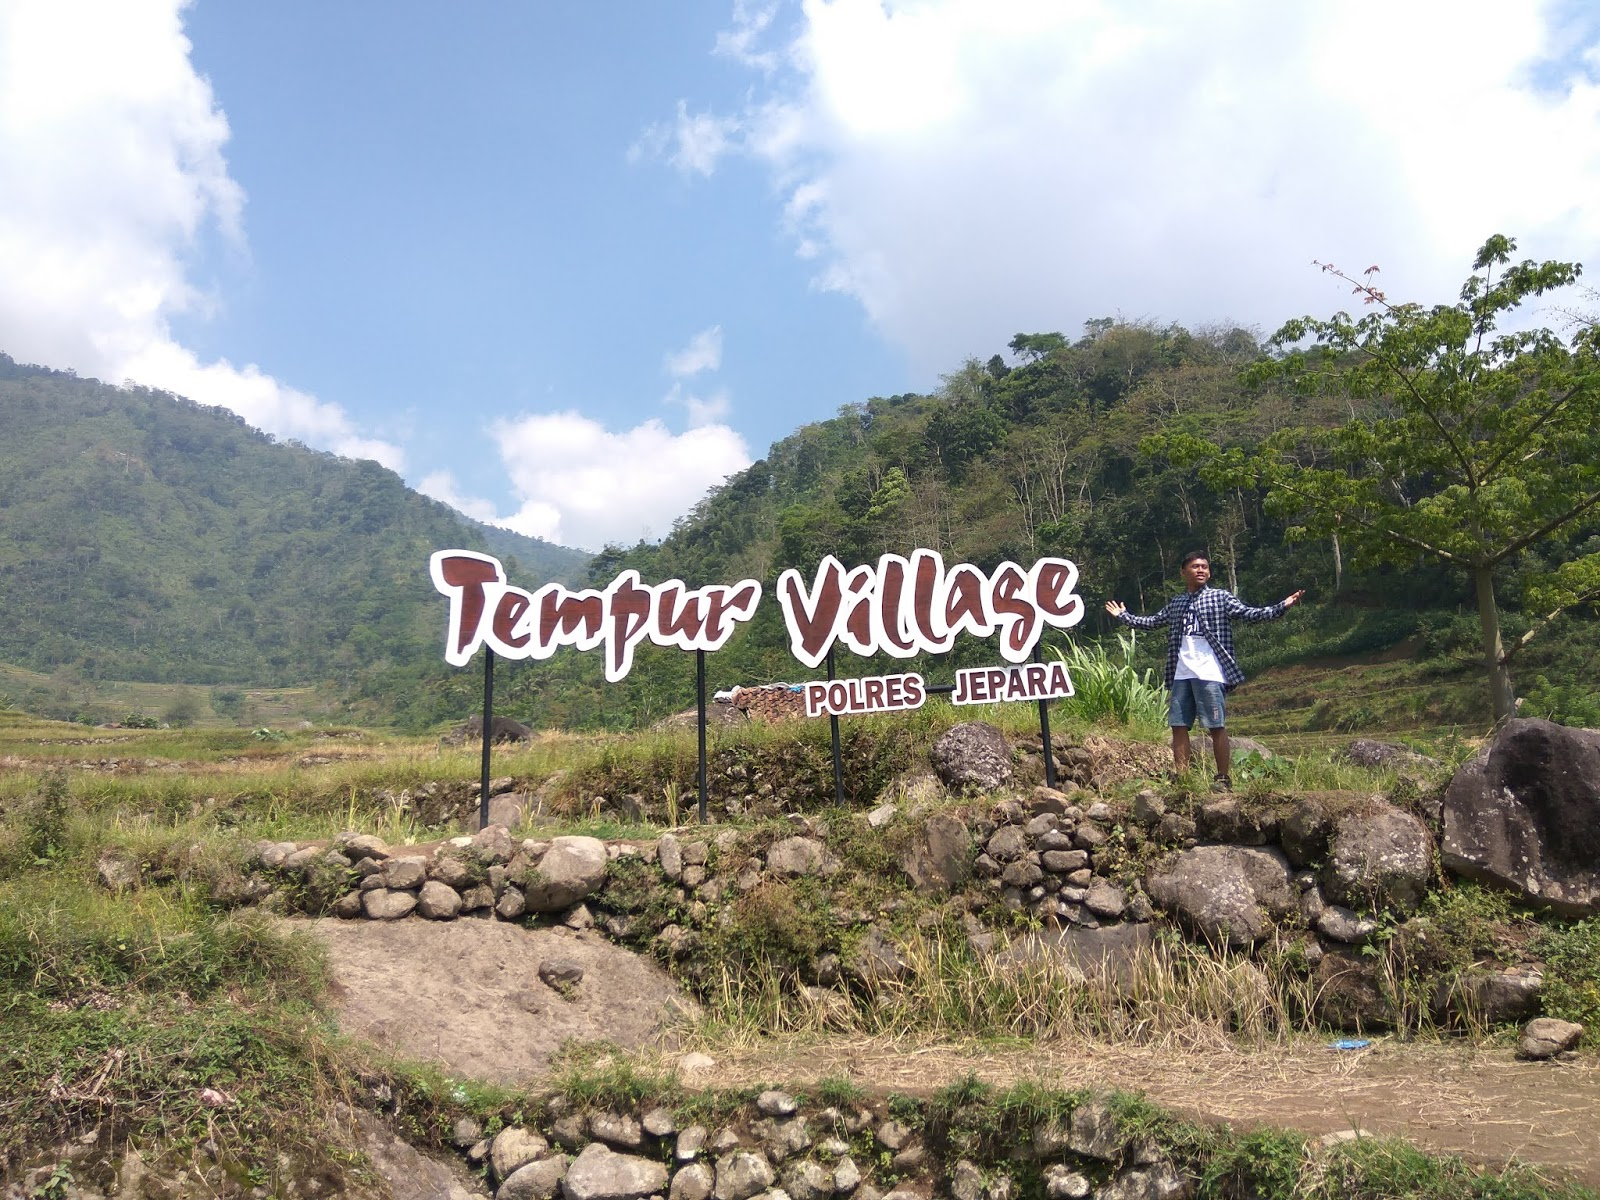 spot foto tempur village